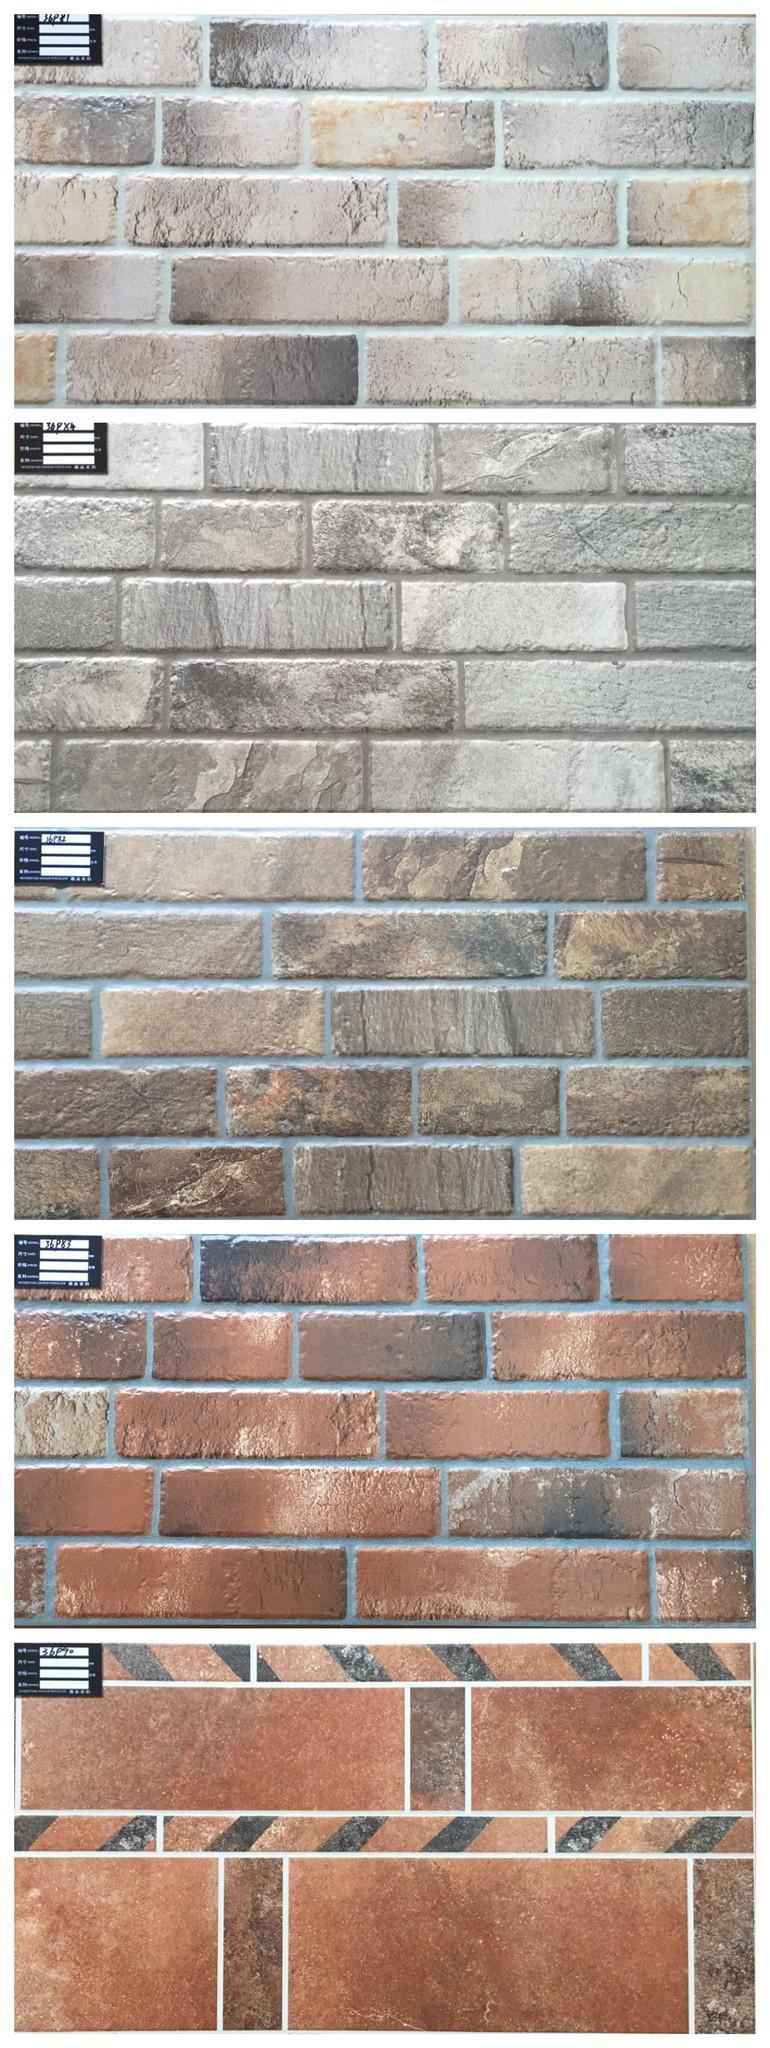 Imitaci N Artificial Decorativo Pared De Piedra Al Aire Libre  ~ Baldosas Imitacion Piedra Para Paredes